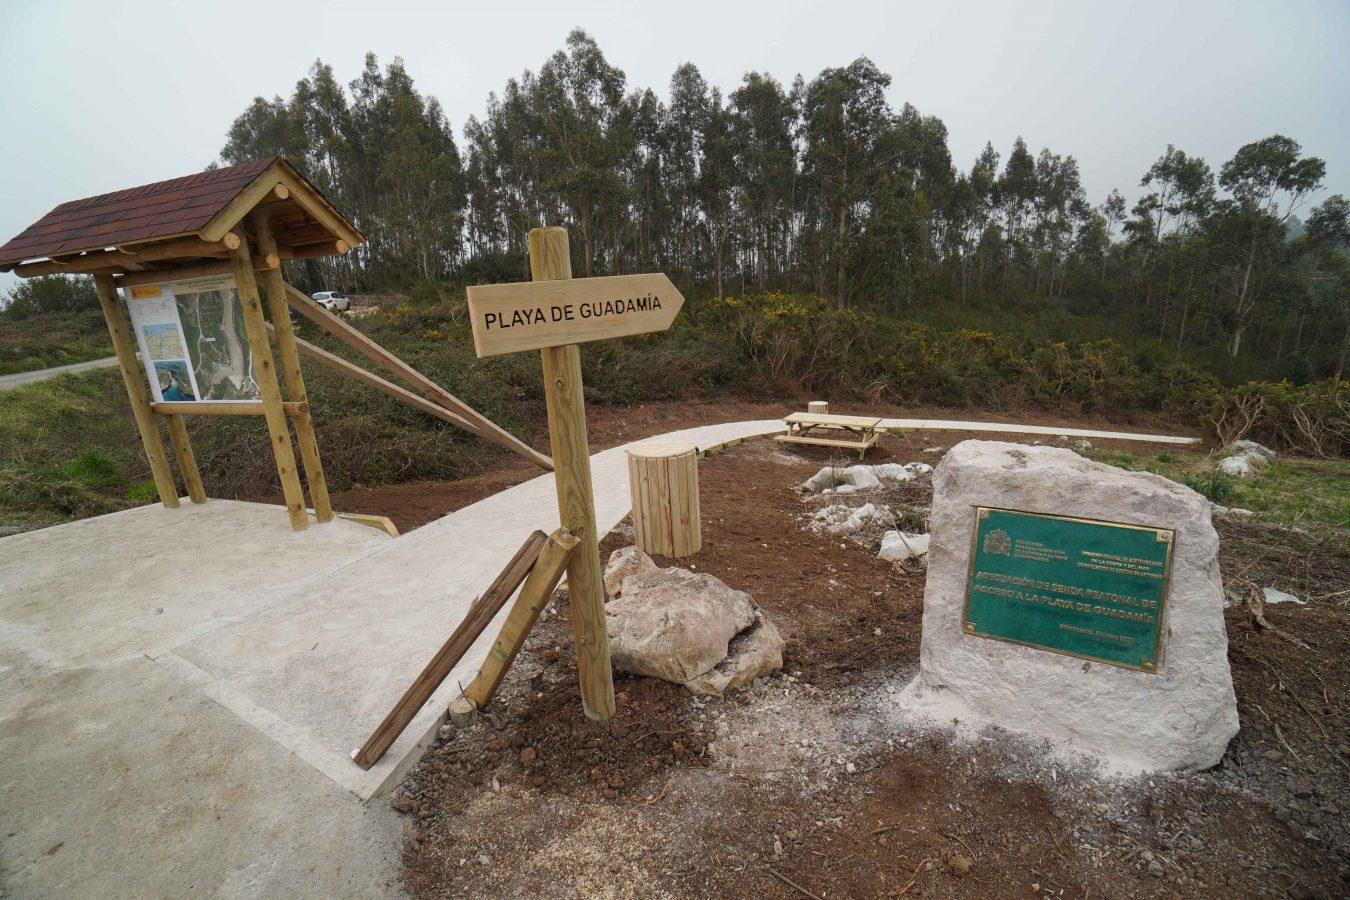 La playa de Guadamía ya cuenta con un digno acceso peatonal desde Ribadesella